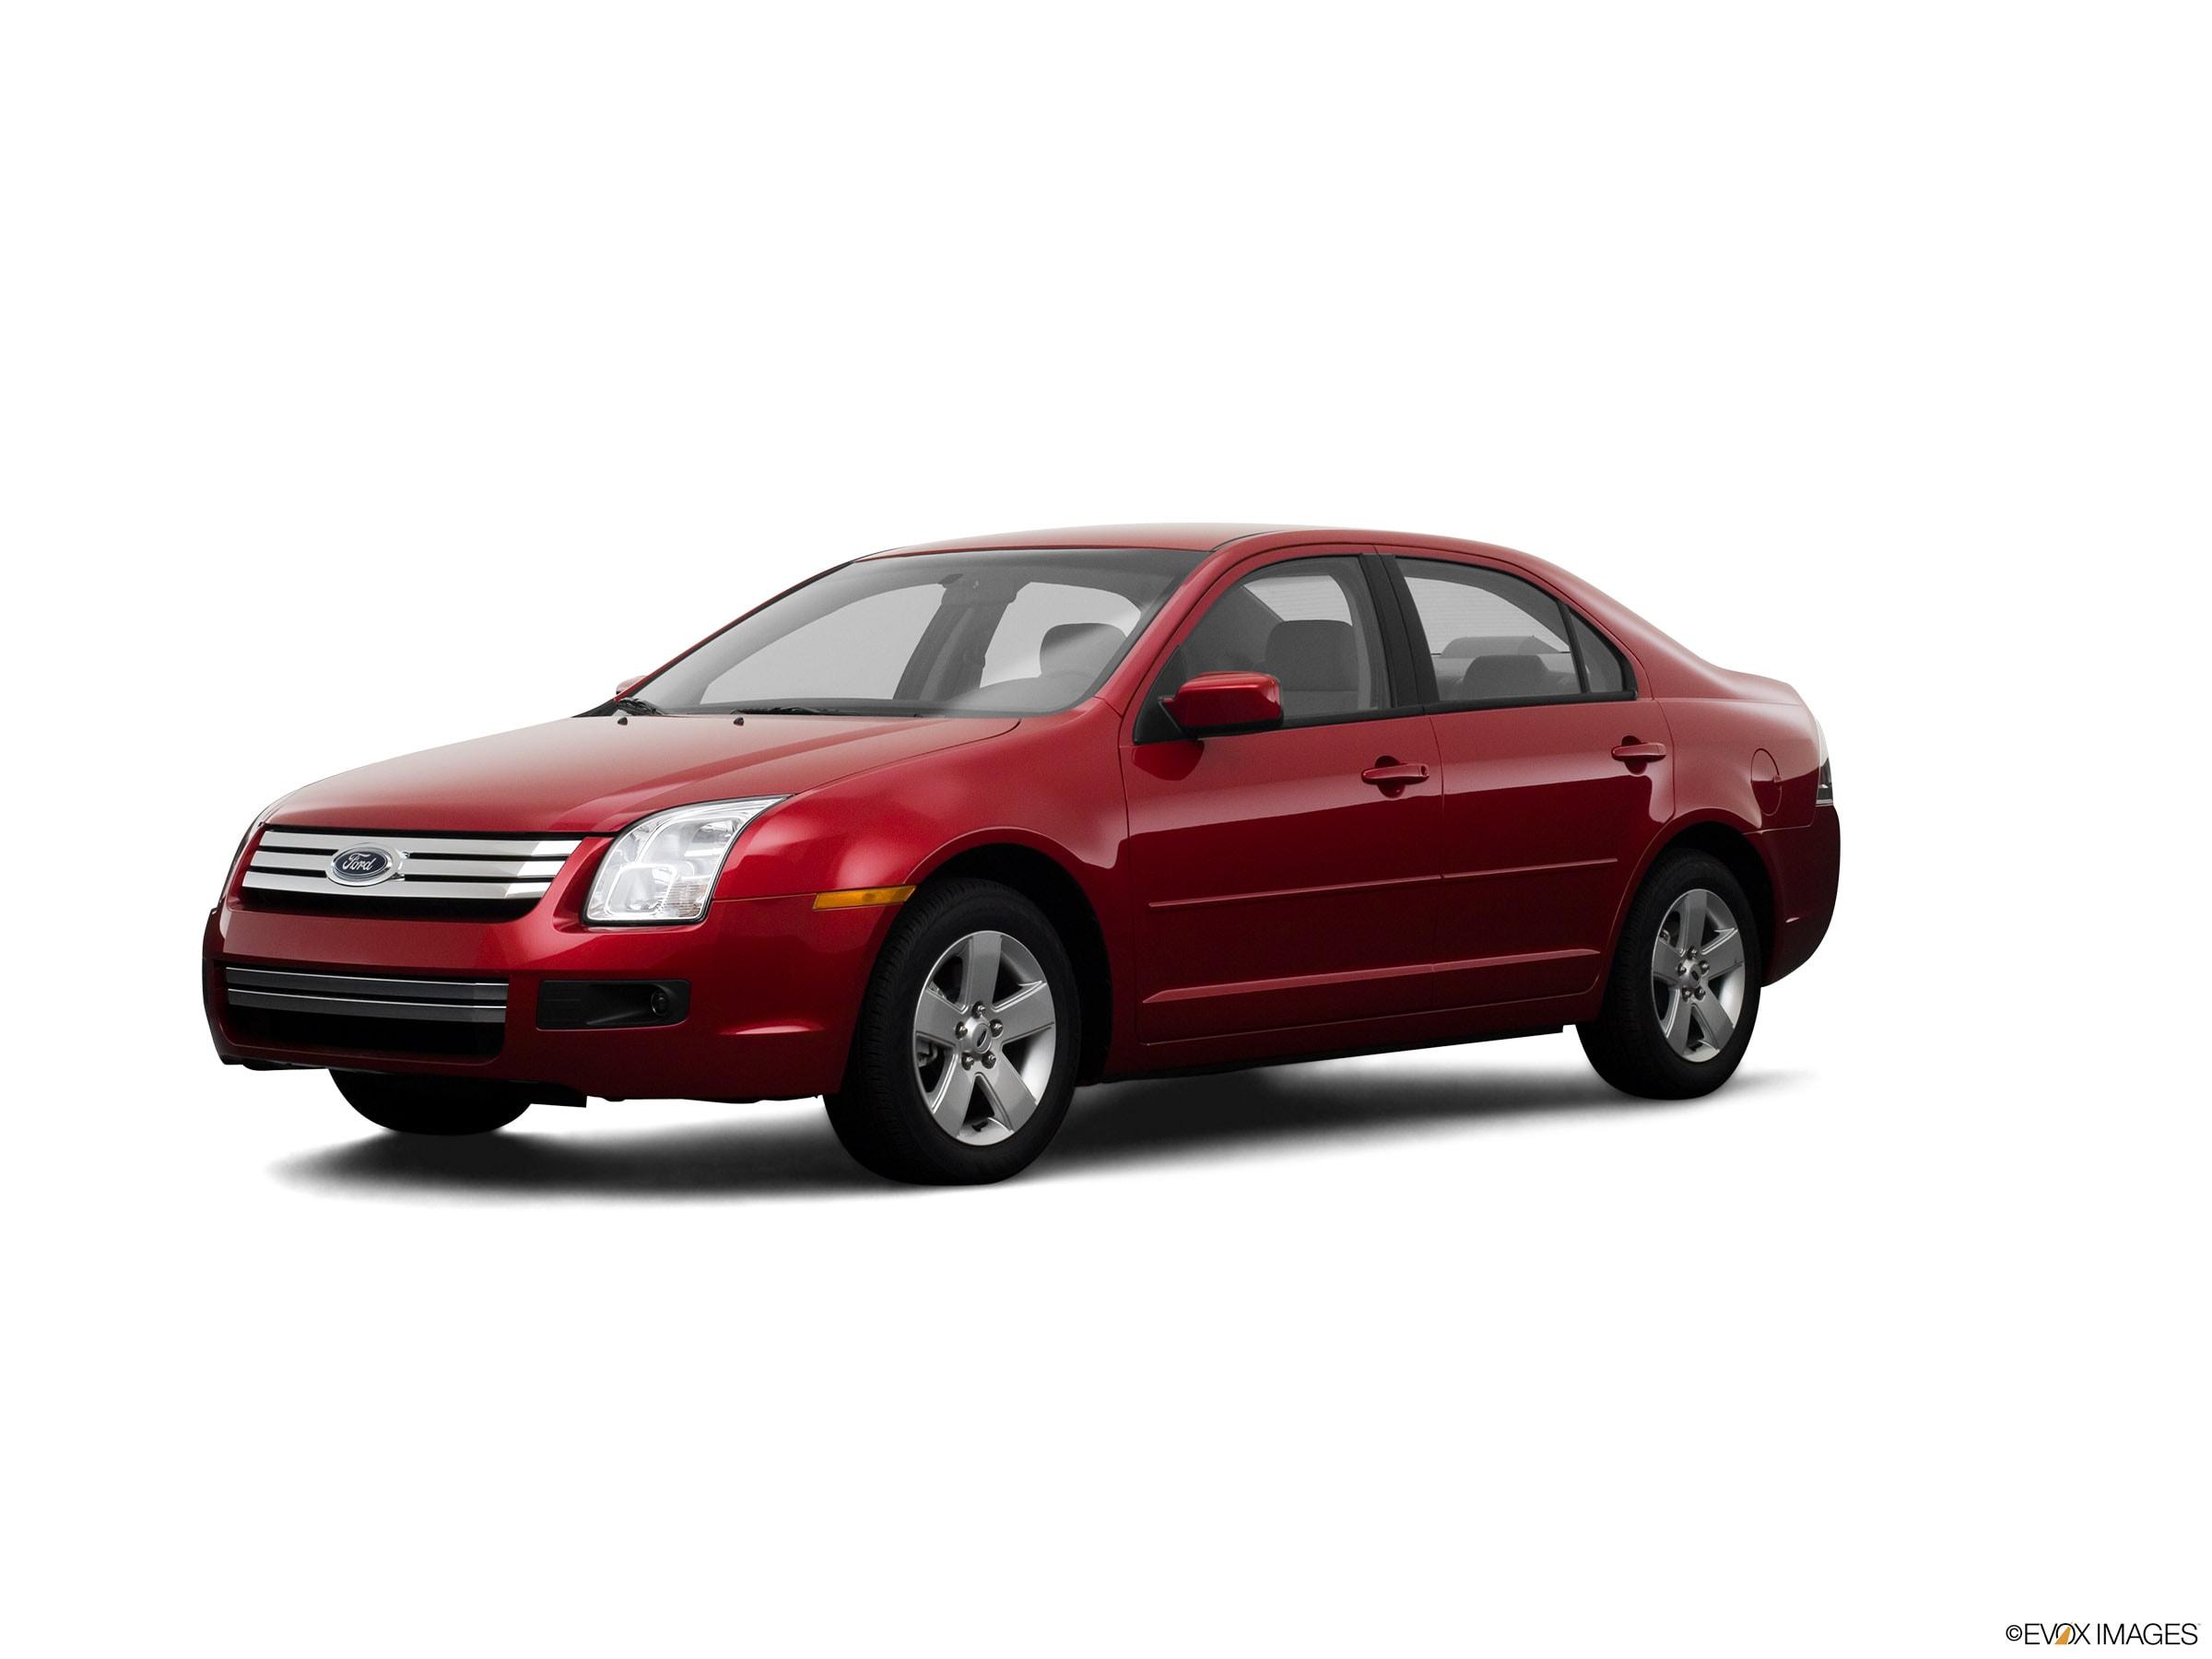 2008 Ford Fusion SE I4 Sedan